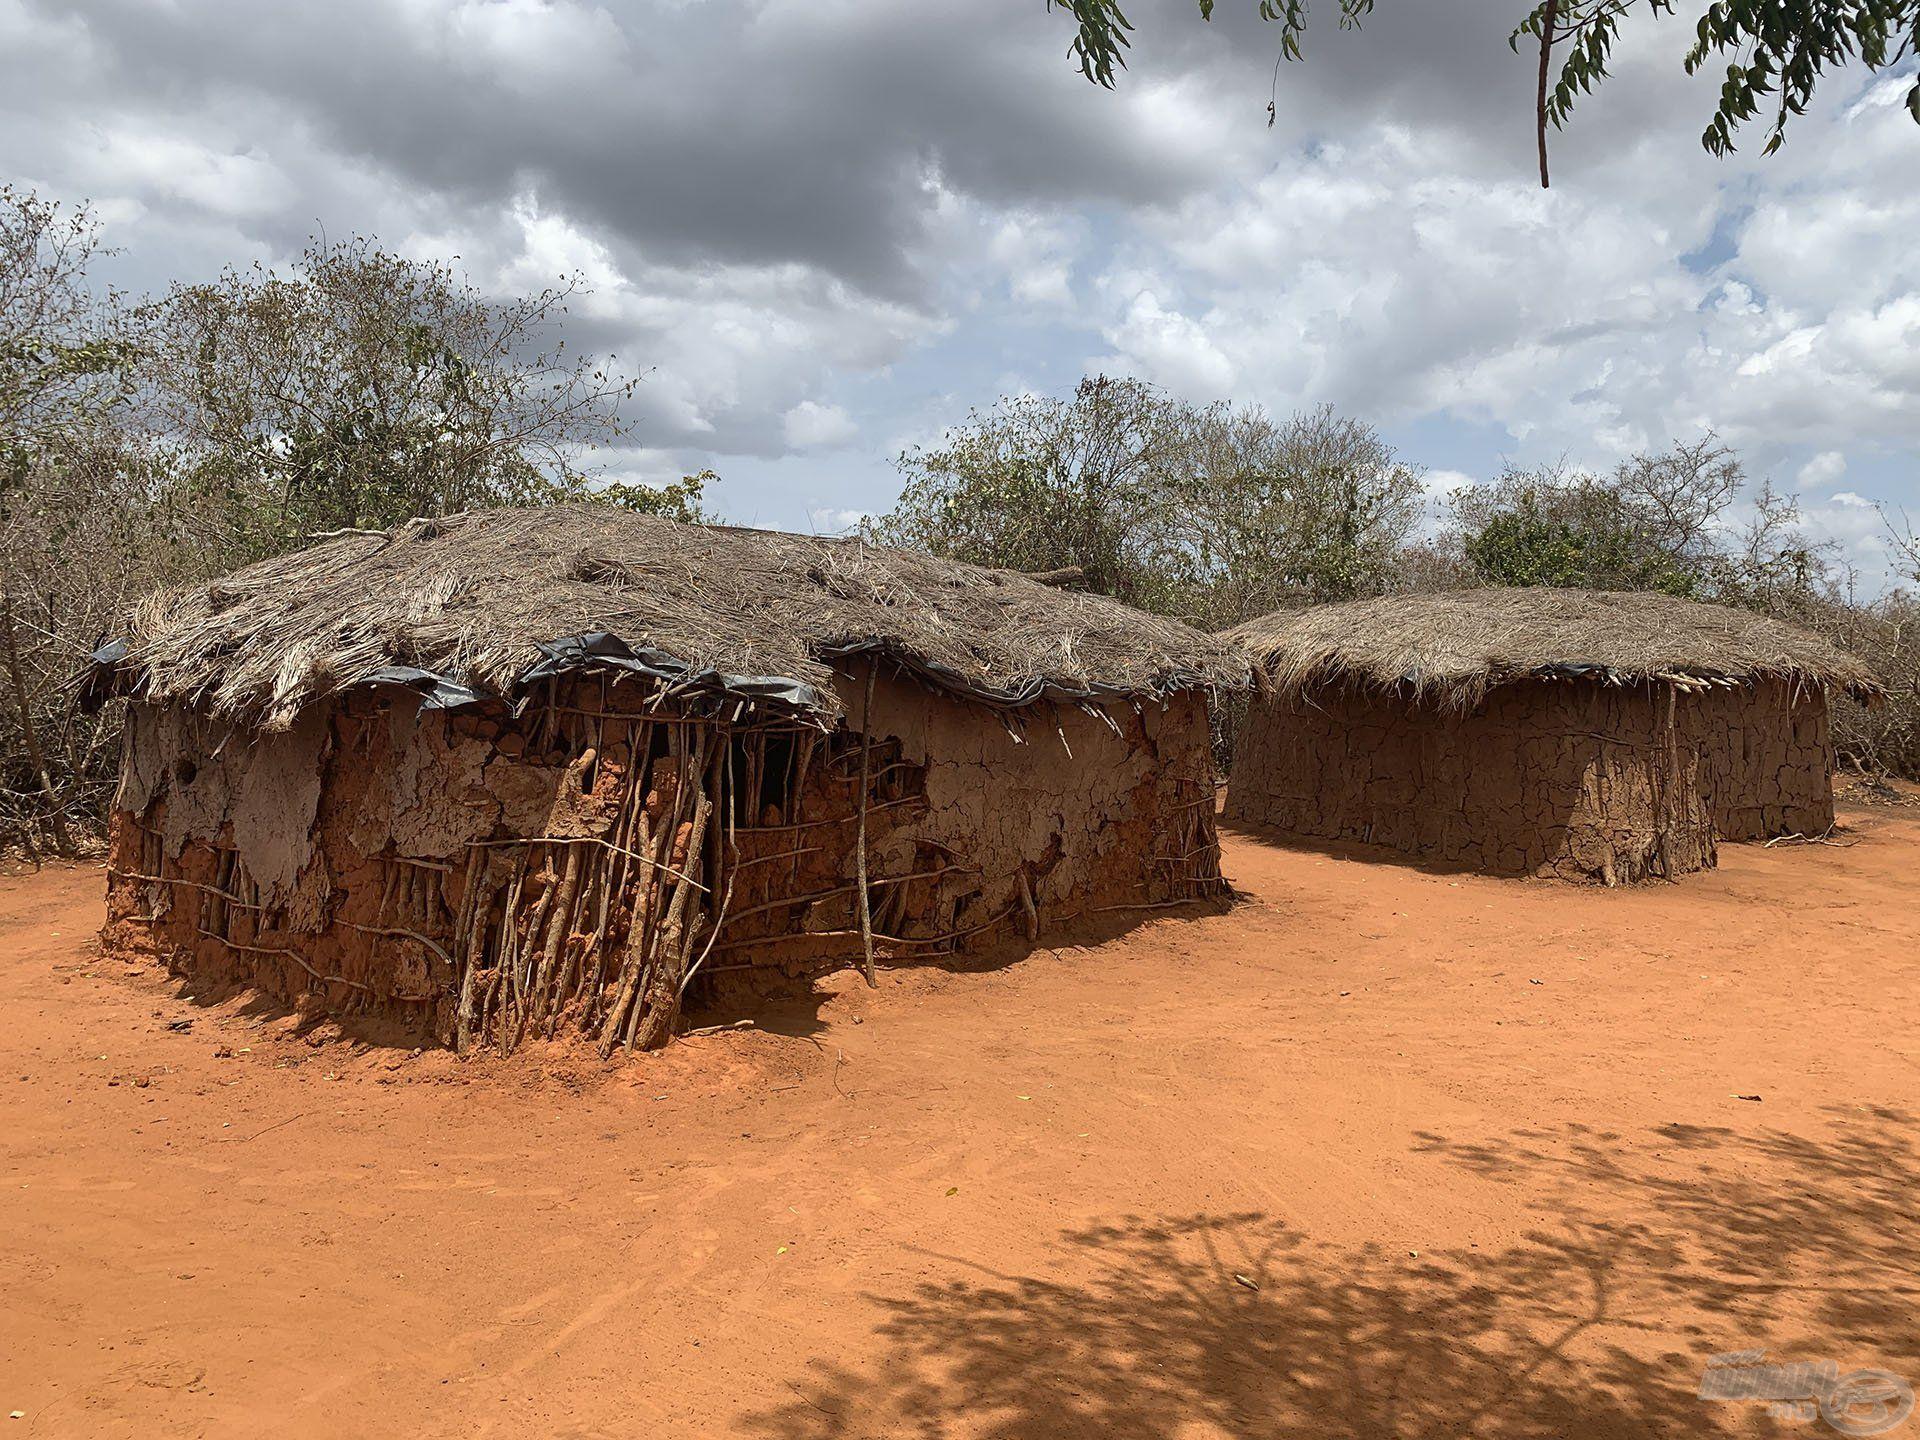 A legtöbb faluban az alap infrastruktúra (áram, ivóvíz) sem áll rendelkezésre